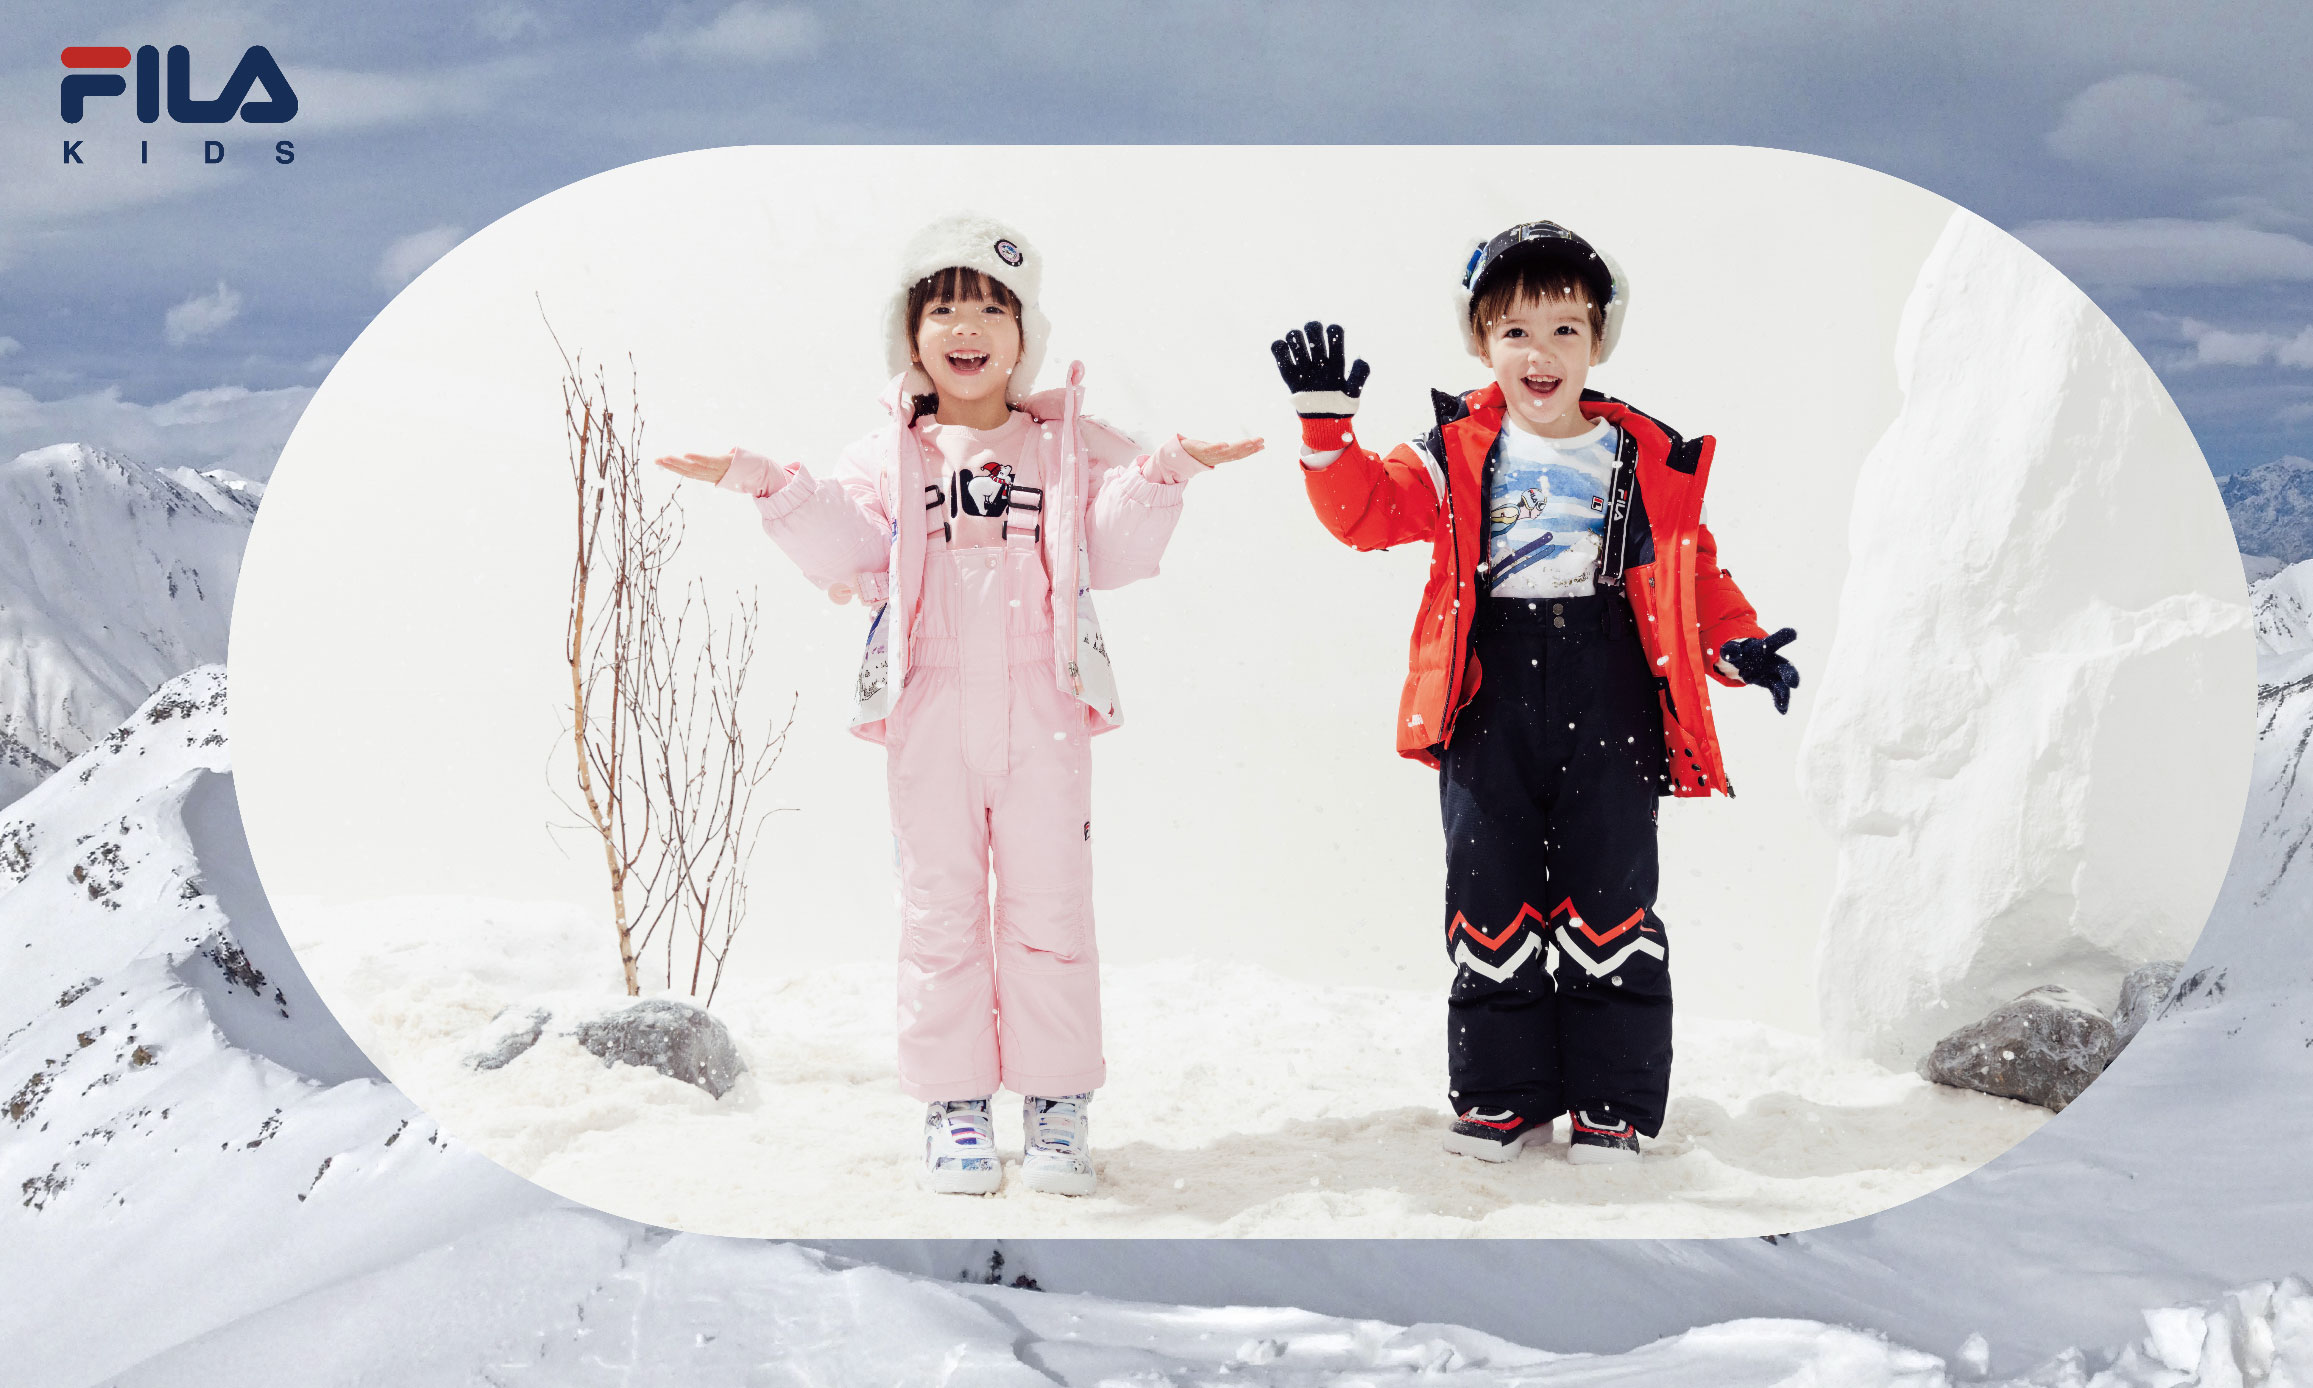 FILA KIDS 推出全新 RED LINE 冰雪奇境系列,玩转冬季雪场风尚